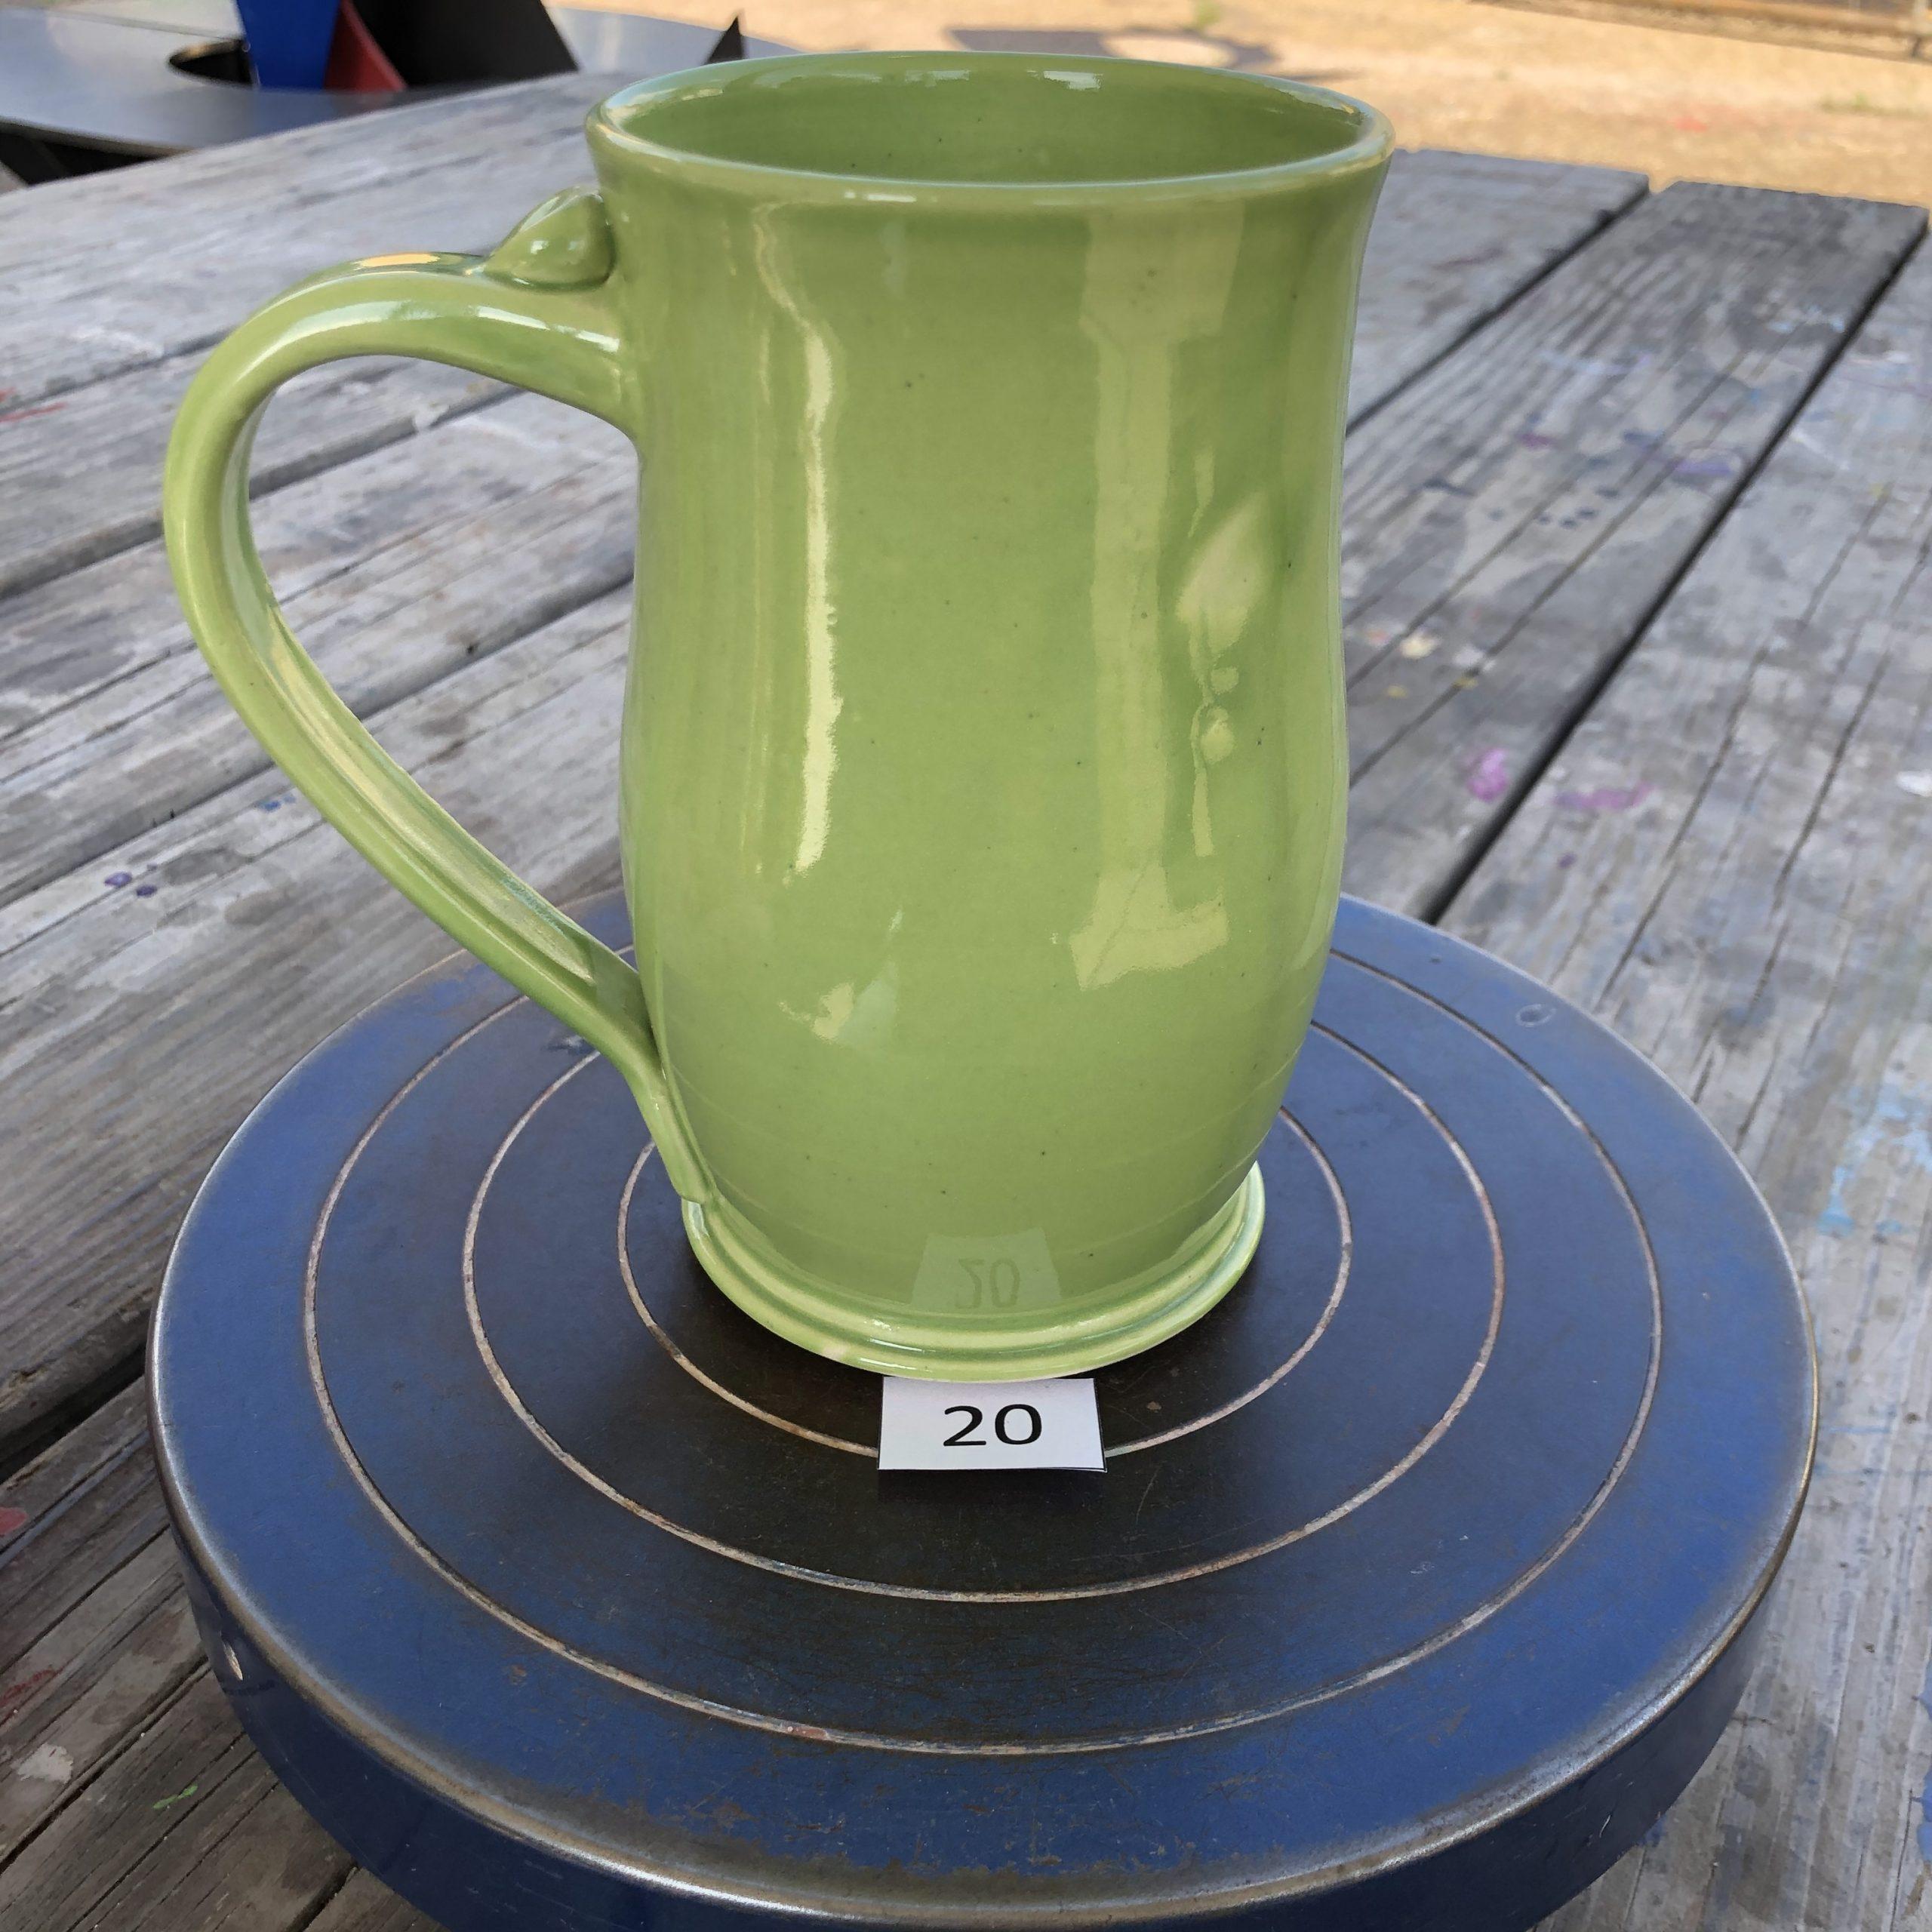 Amy Kovats Lime Mug #20